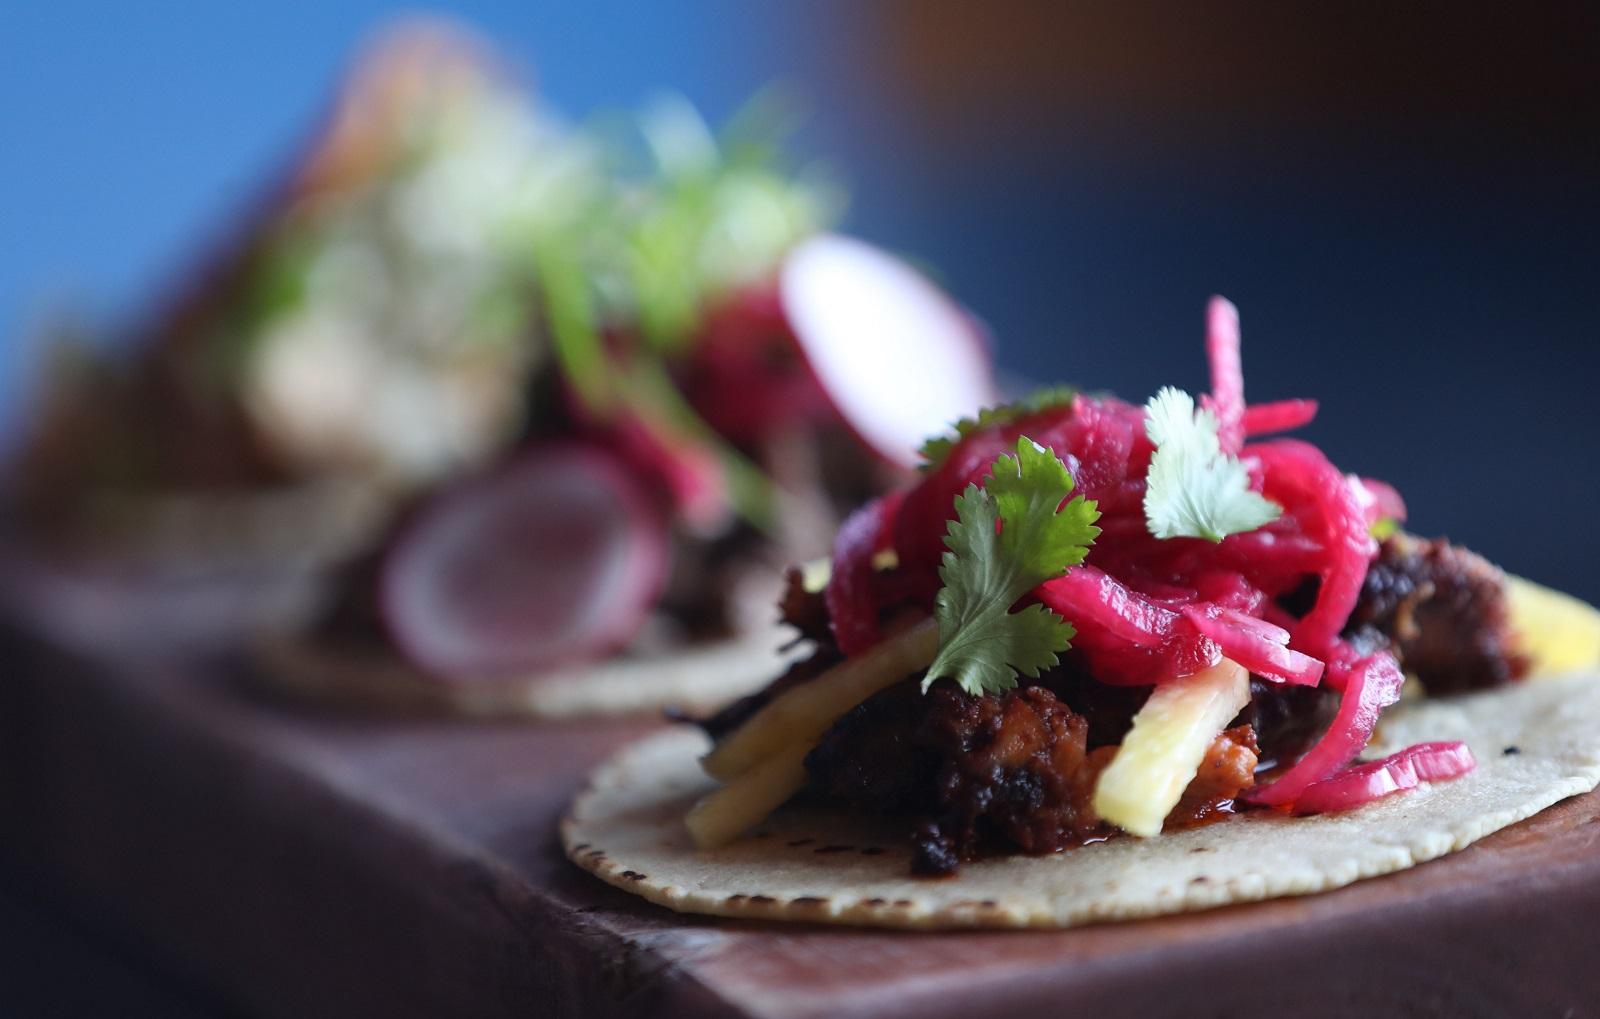 The al pastor taco, front, from Casa Azul. (Sharon Cantillon/Buffalo News)